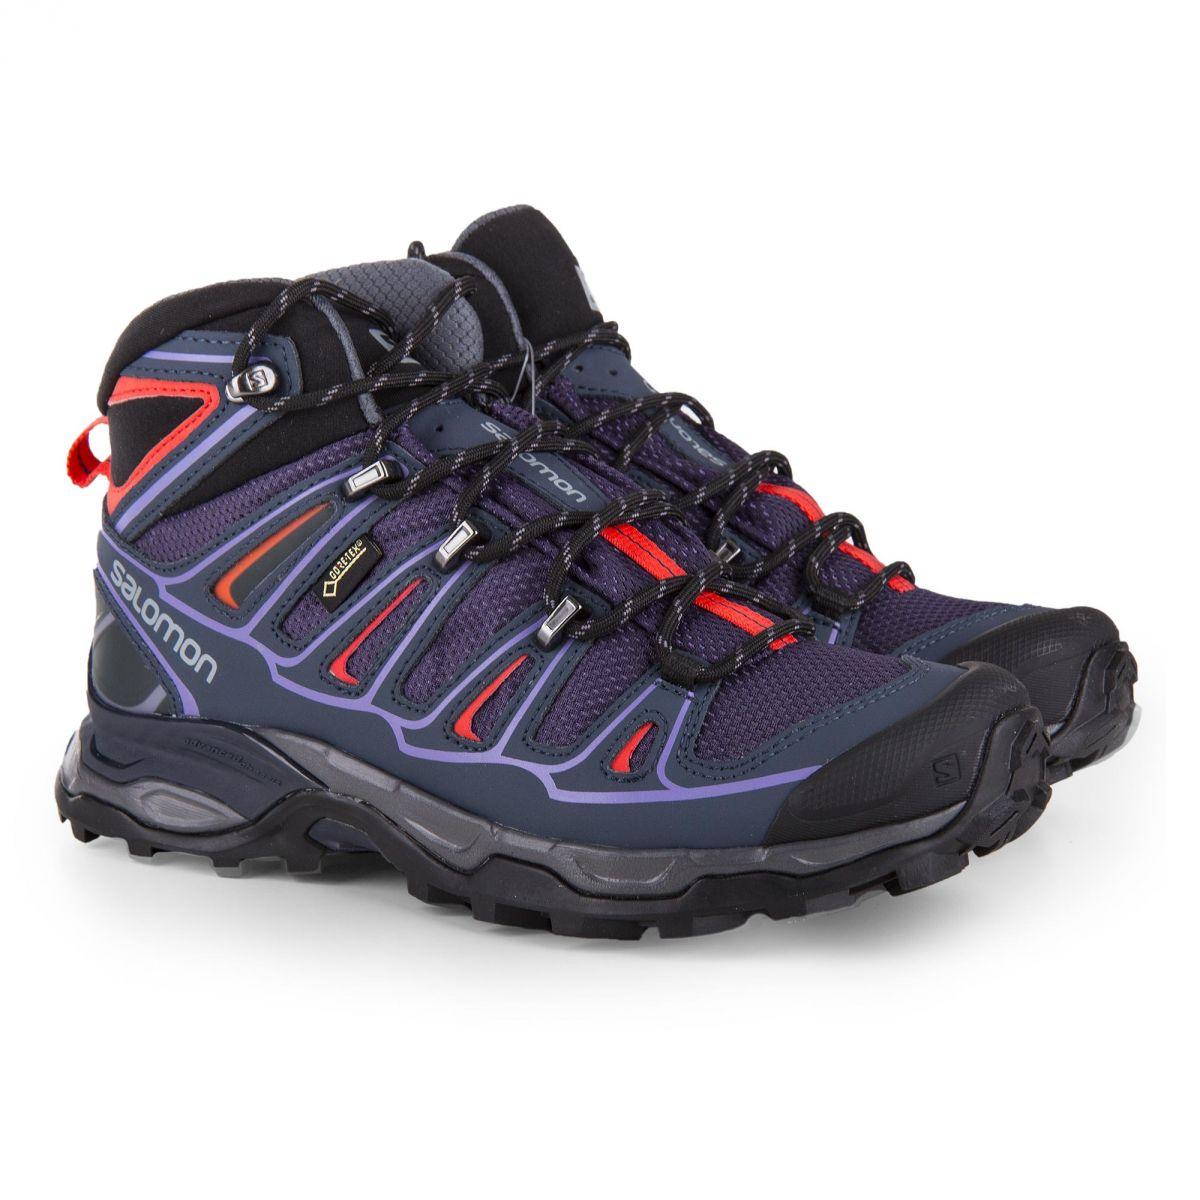 435f801a0db Gore Chaussures De Violette Tex Marche Femme Dégriffé Salomon Prix À  E9YDHW2I